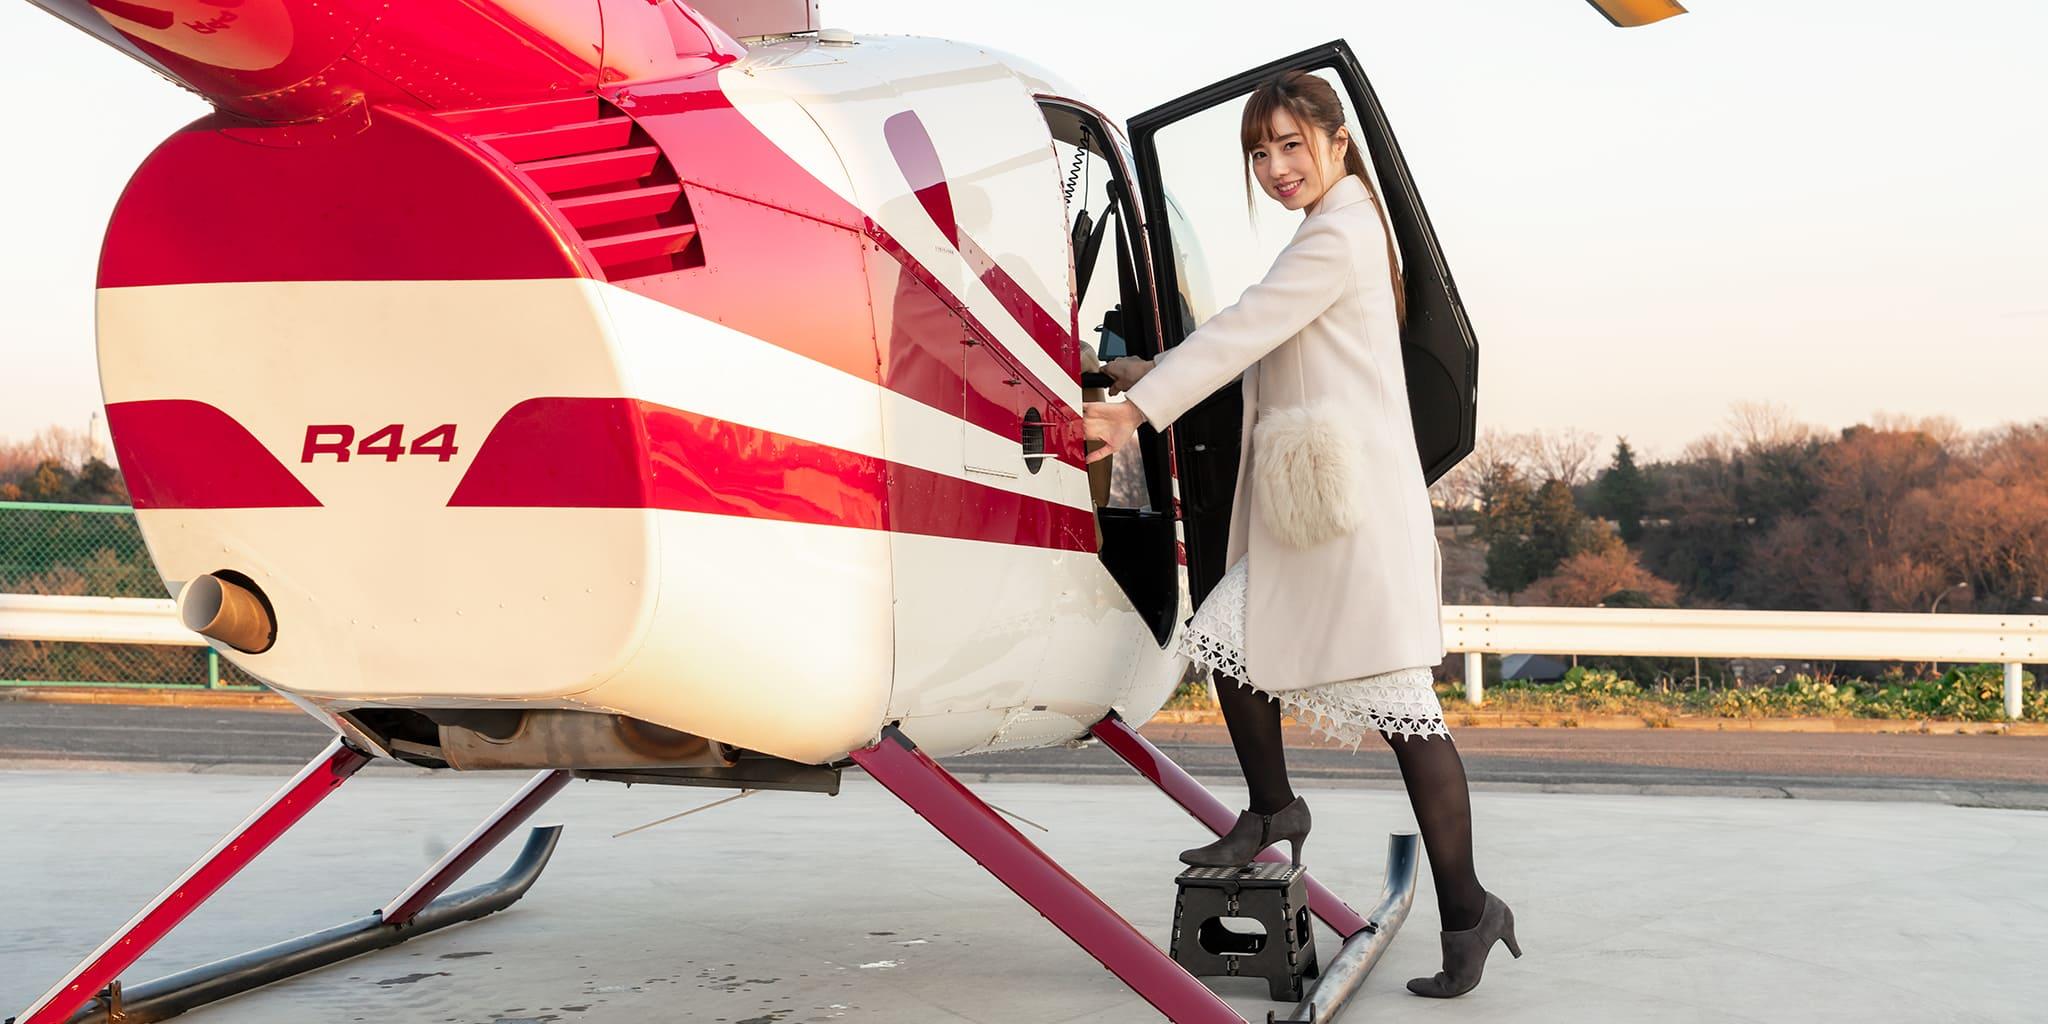 ヘリコプターに搭乗